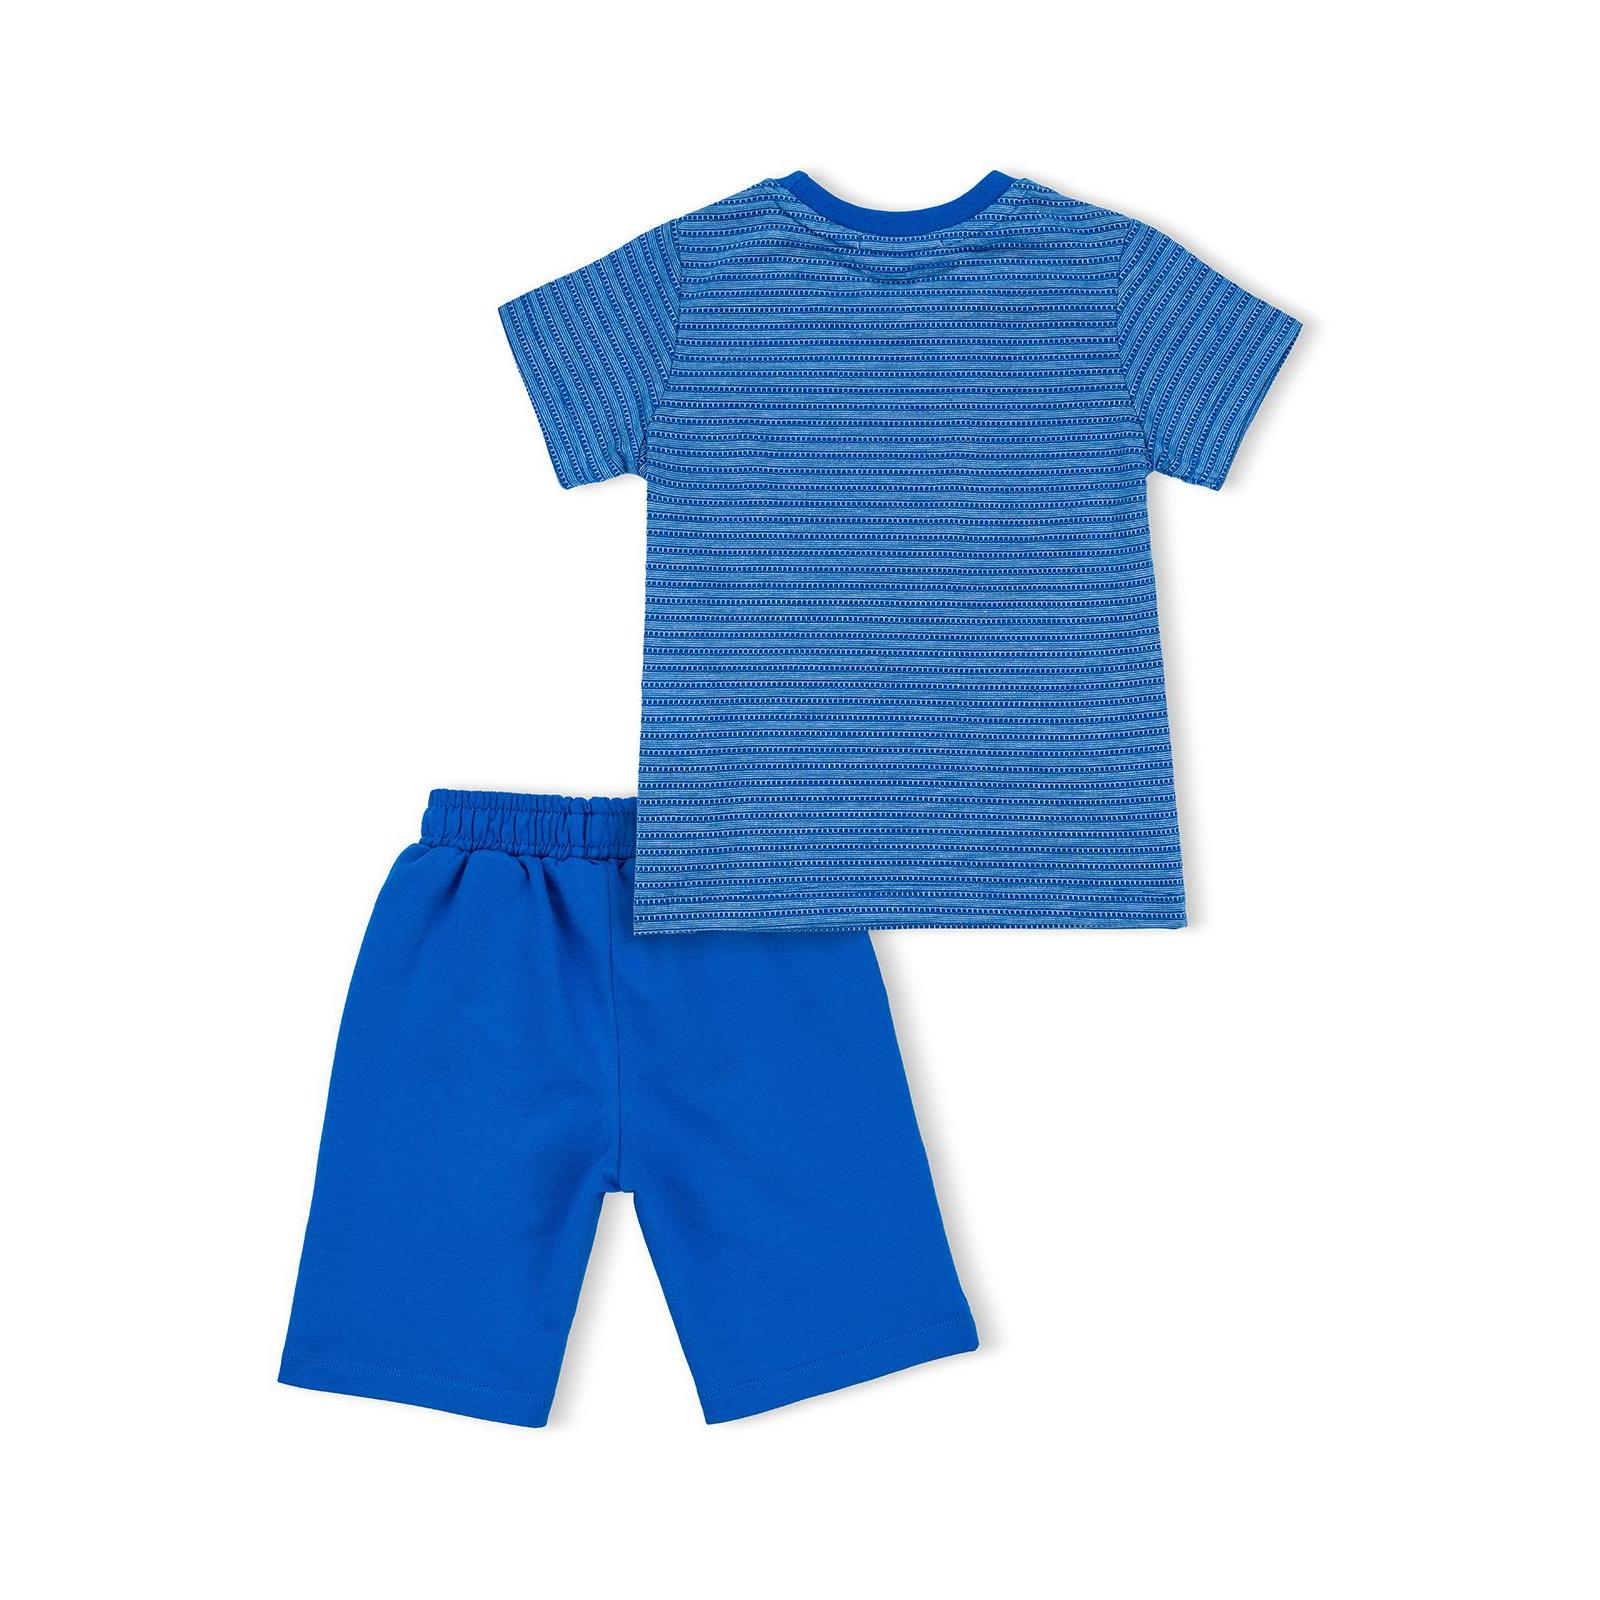 """Футболка детская Breeze с шортами """"AUTHENTIC"""" (10583-92B-blue) изображение 4"""